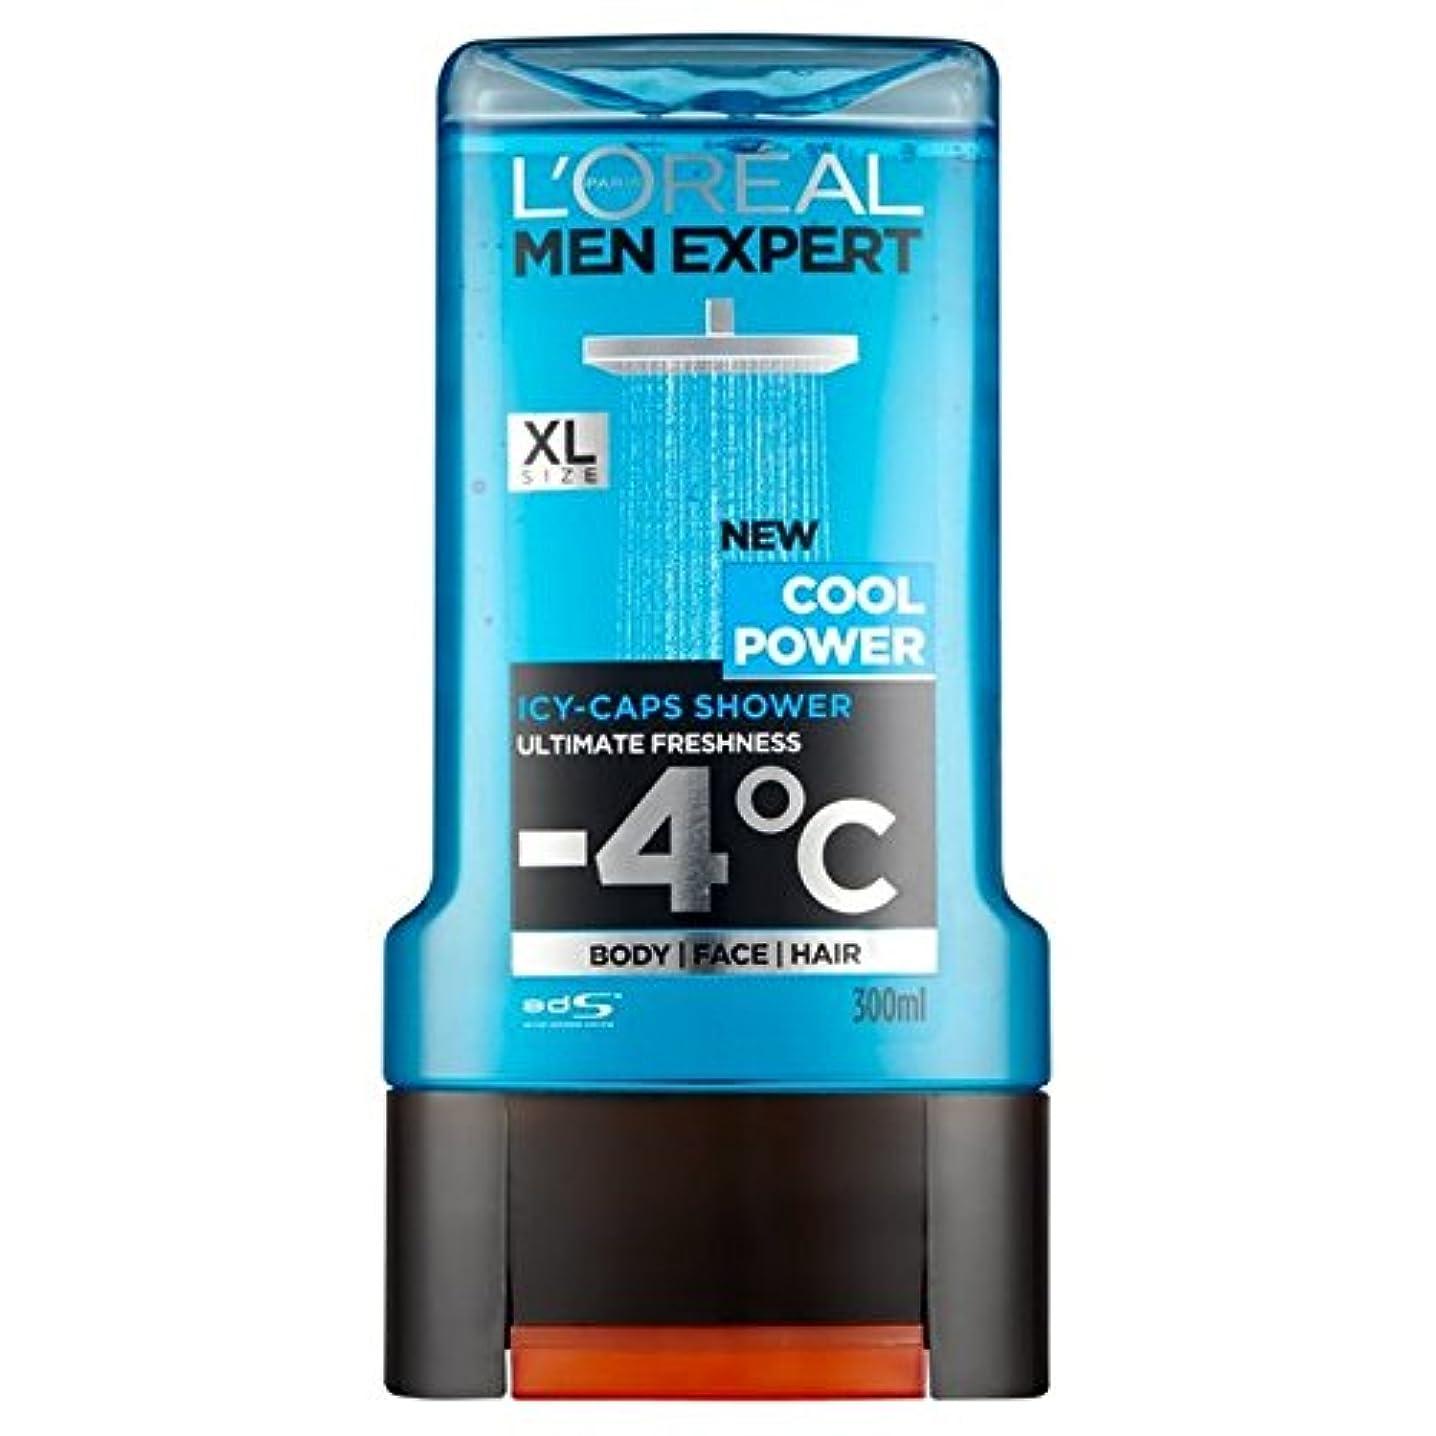 ブラザー浜辺神話L'Oreal Paris Men Expert Cool Power Shower Gel 300ml - ロレアルパリの男性の専門家のクールなパワーシャワージェル300ミリリットル [並行輸入品]